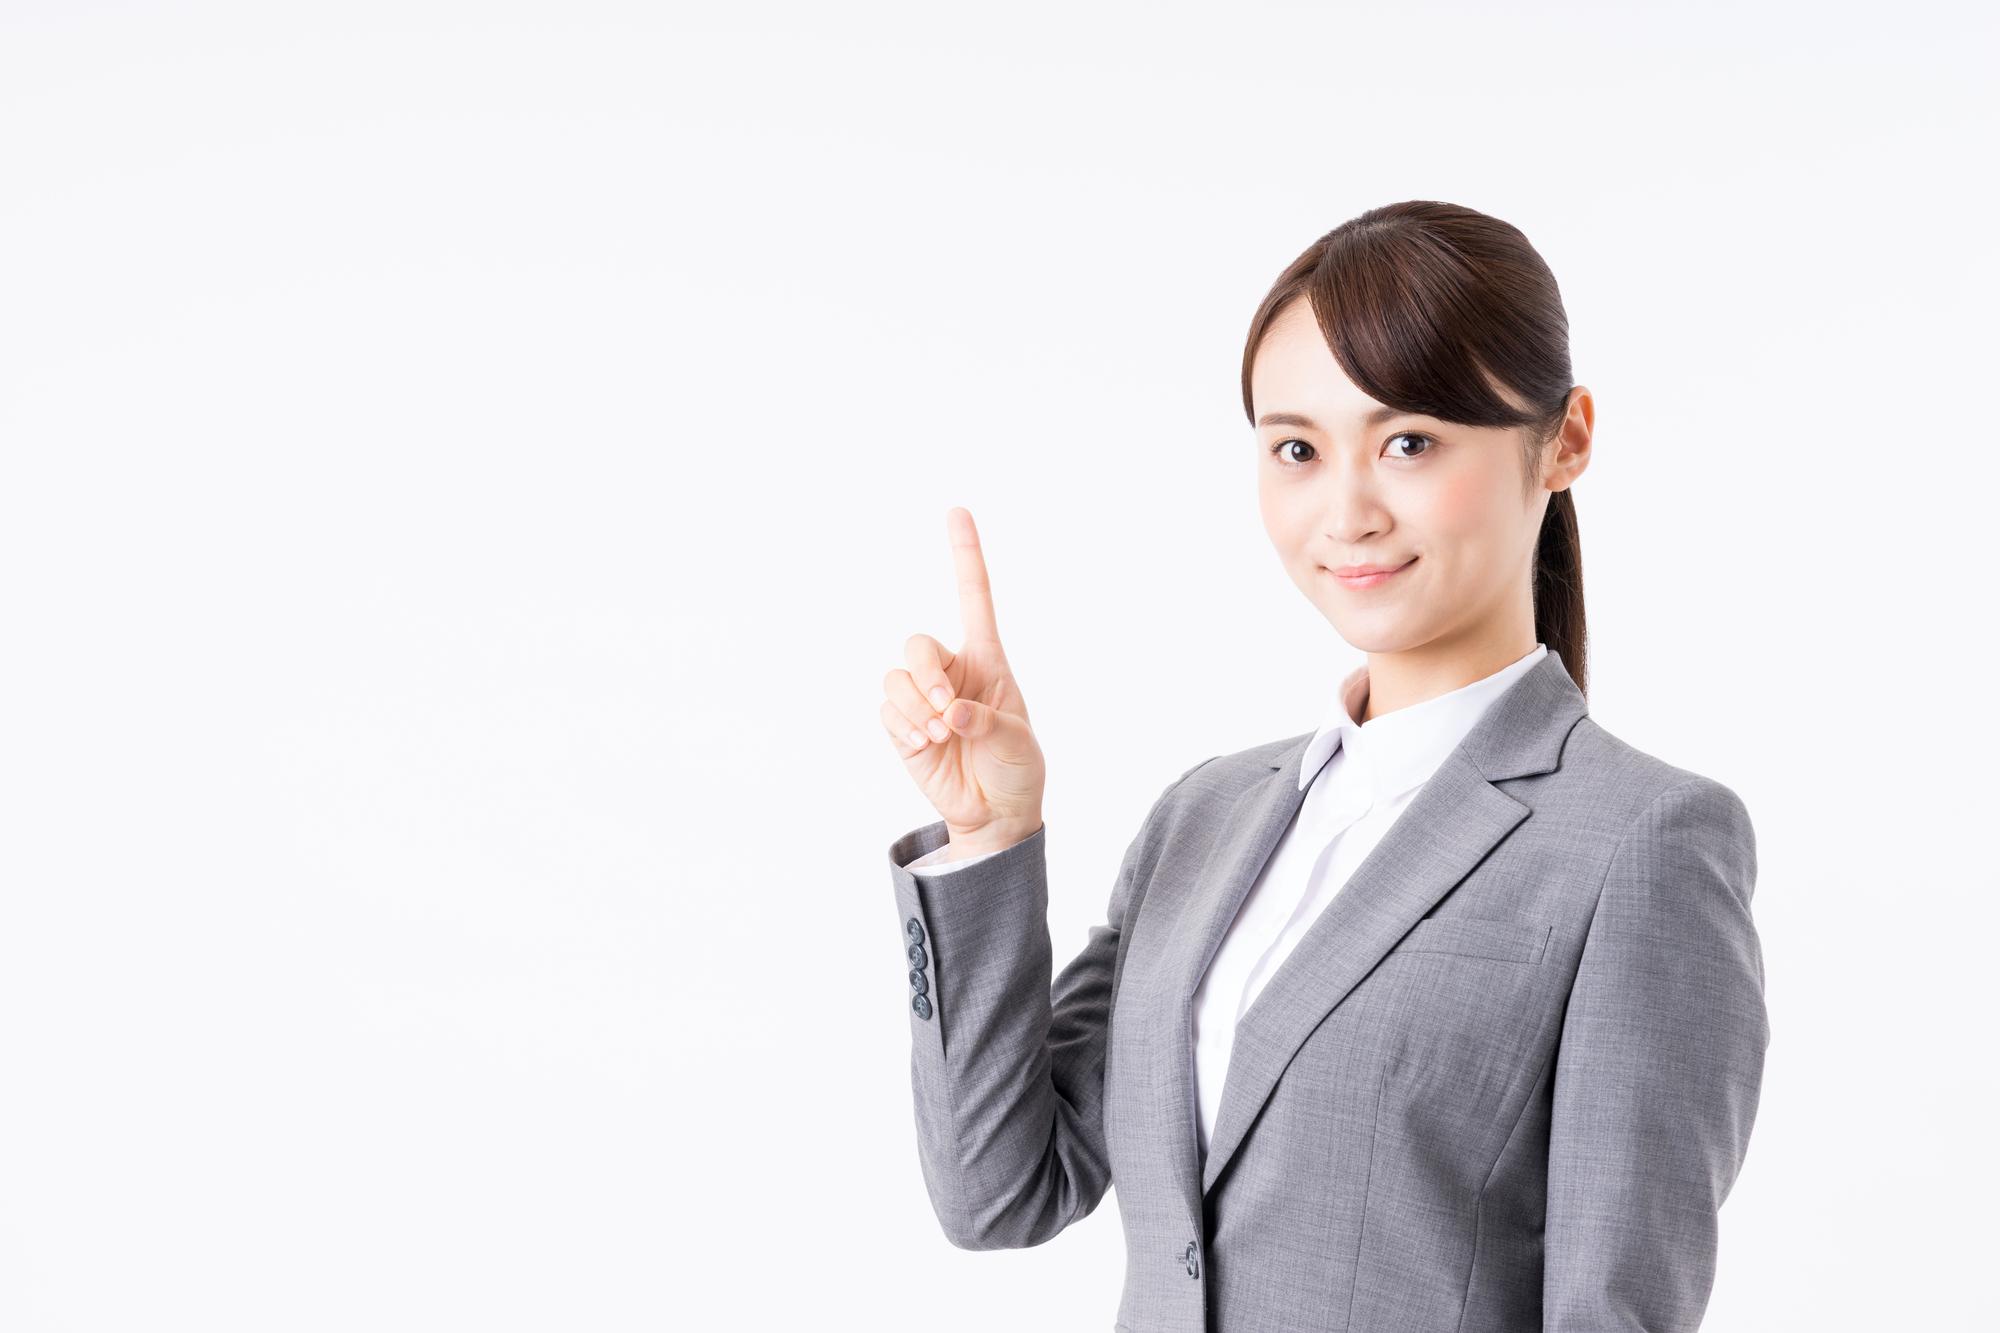 押し買い業者に誤解されないための4つのルールを教えてくれる女性。